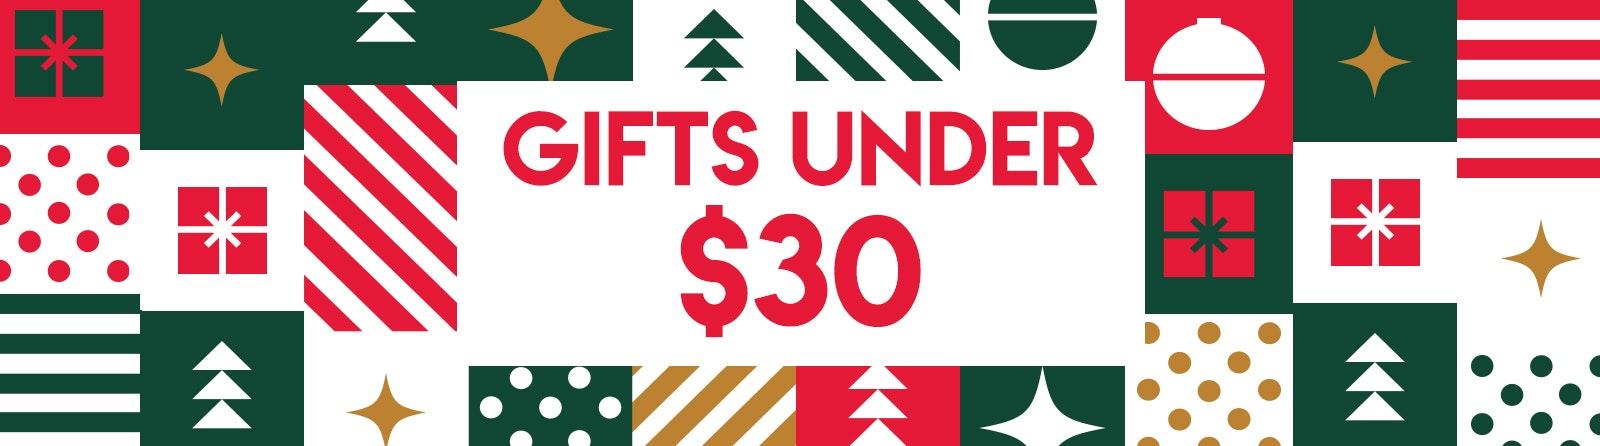 Gifts Under $30 Banner